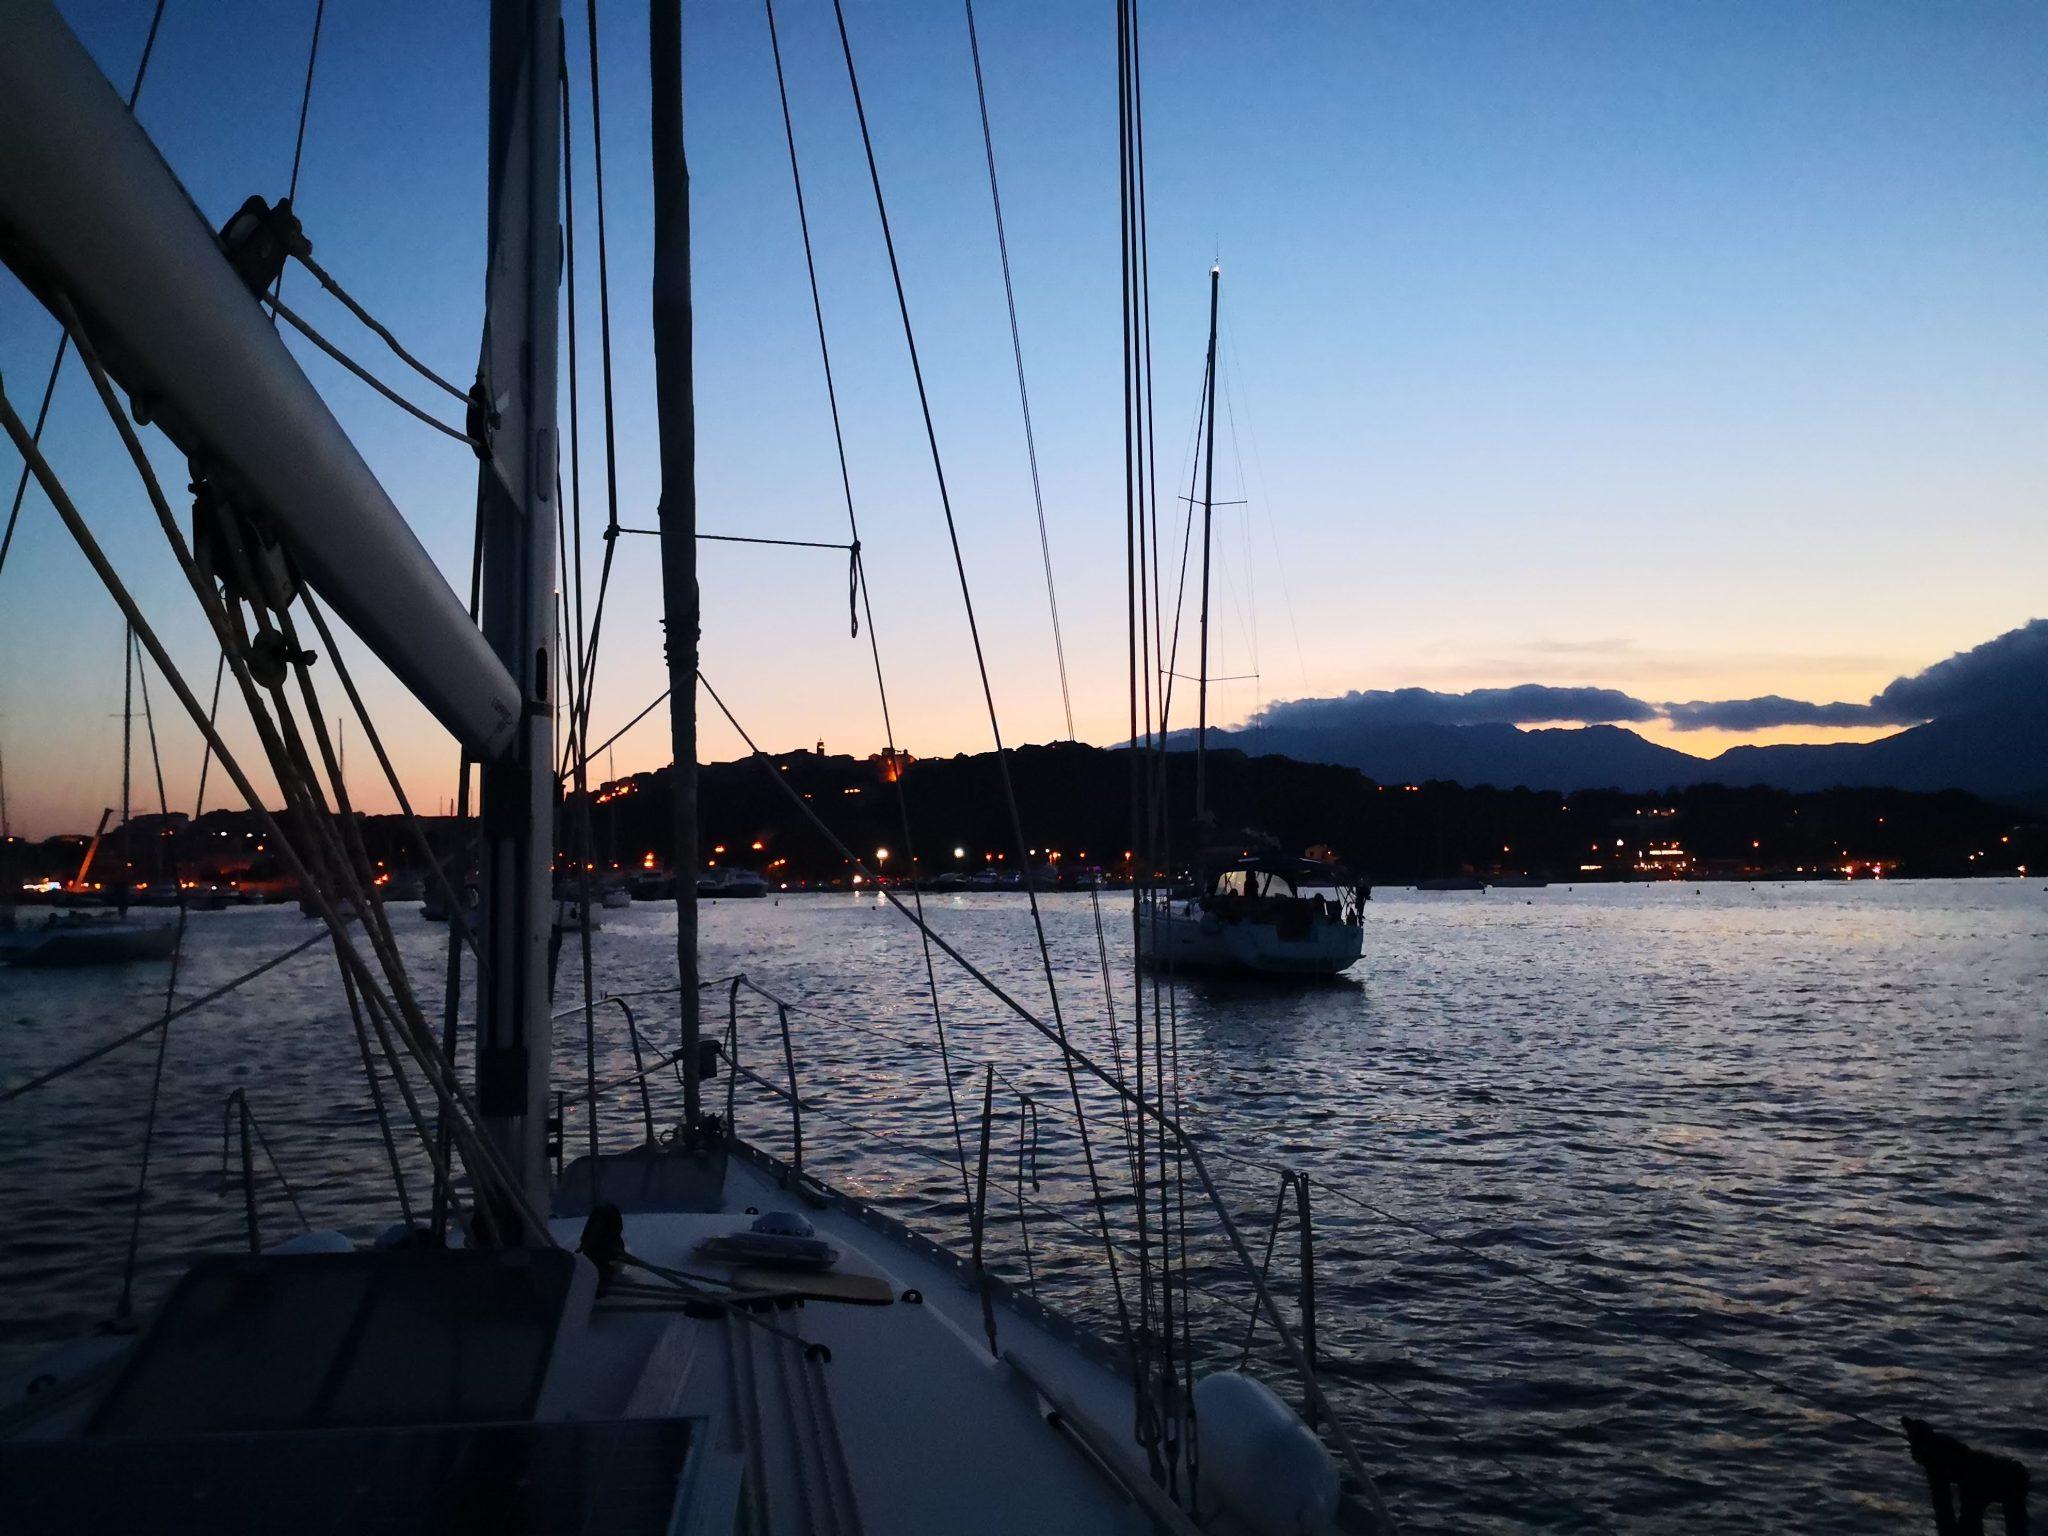 Nuits sur un voiliers